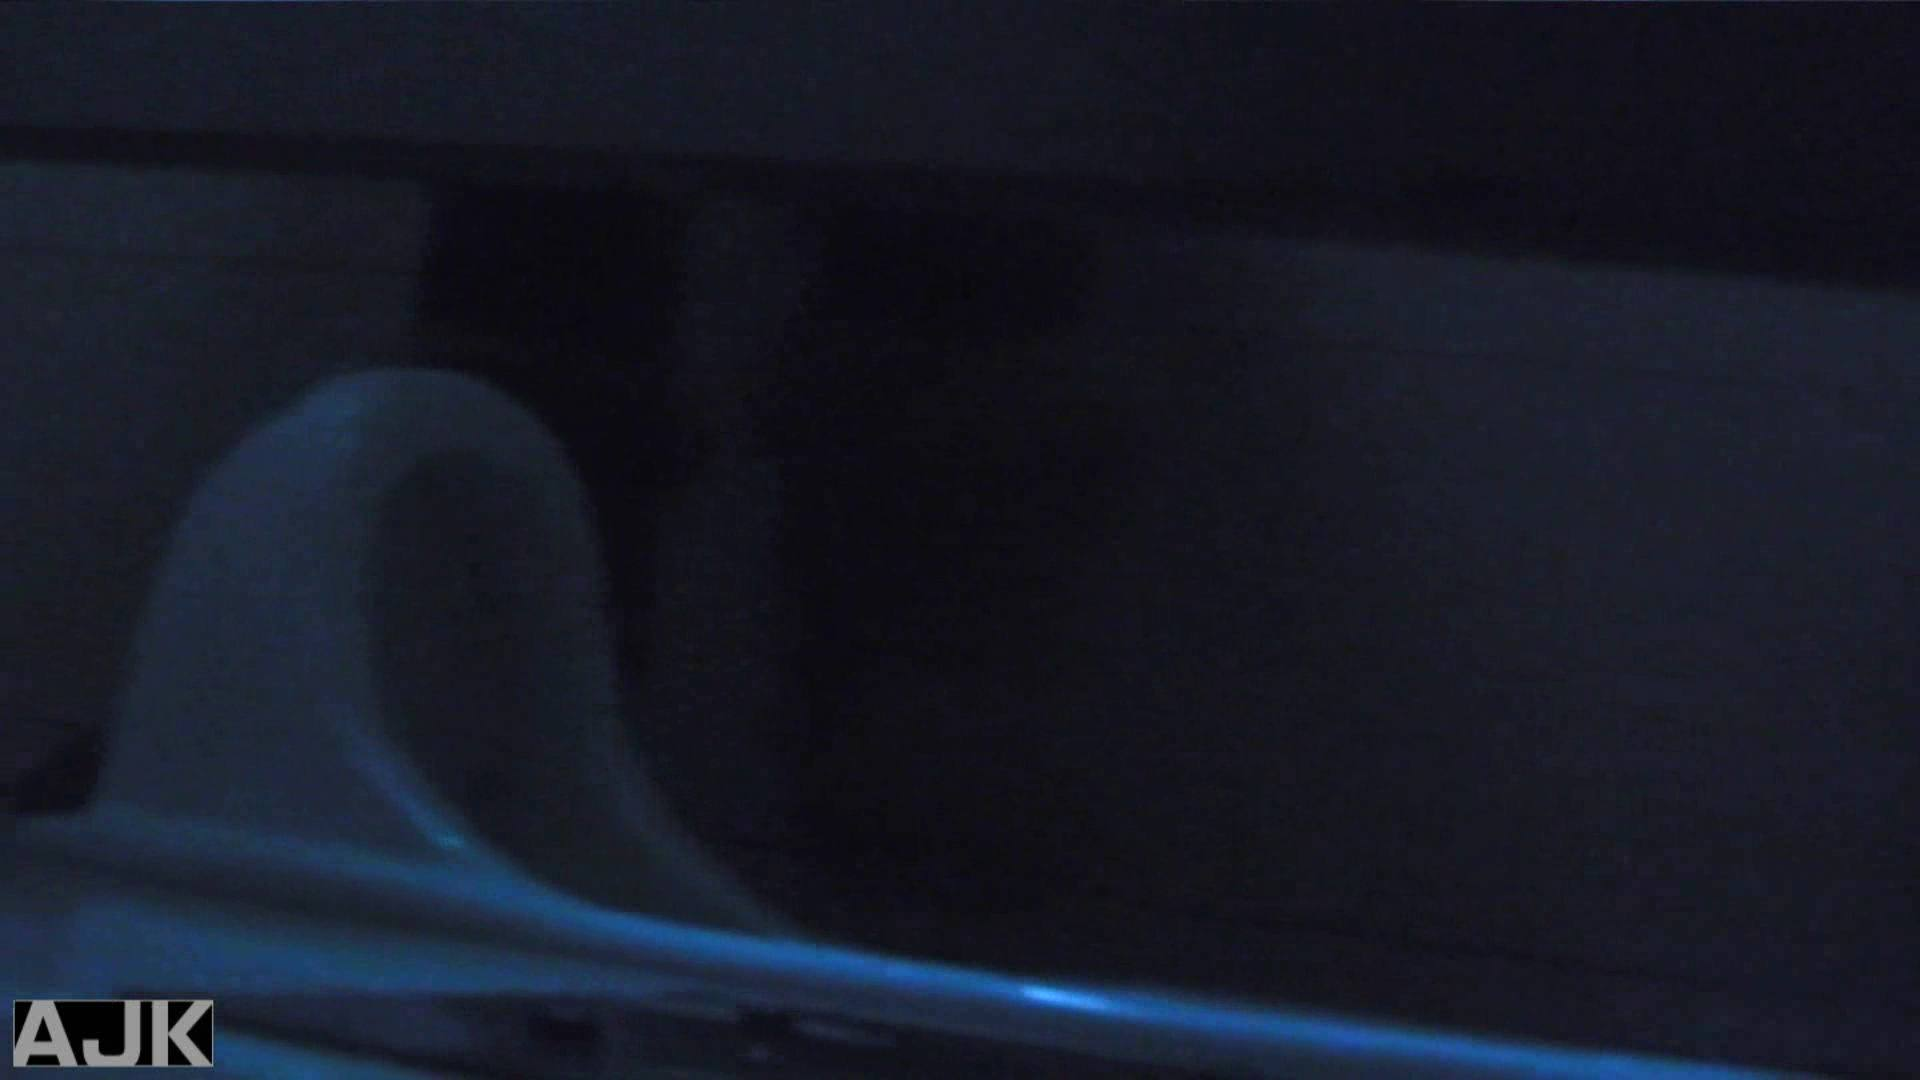 神降臨!史上最強の潜入かわや! vol.05 オマンコ 覗きおまんこ画像 13pic 4